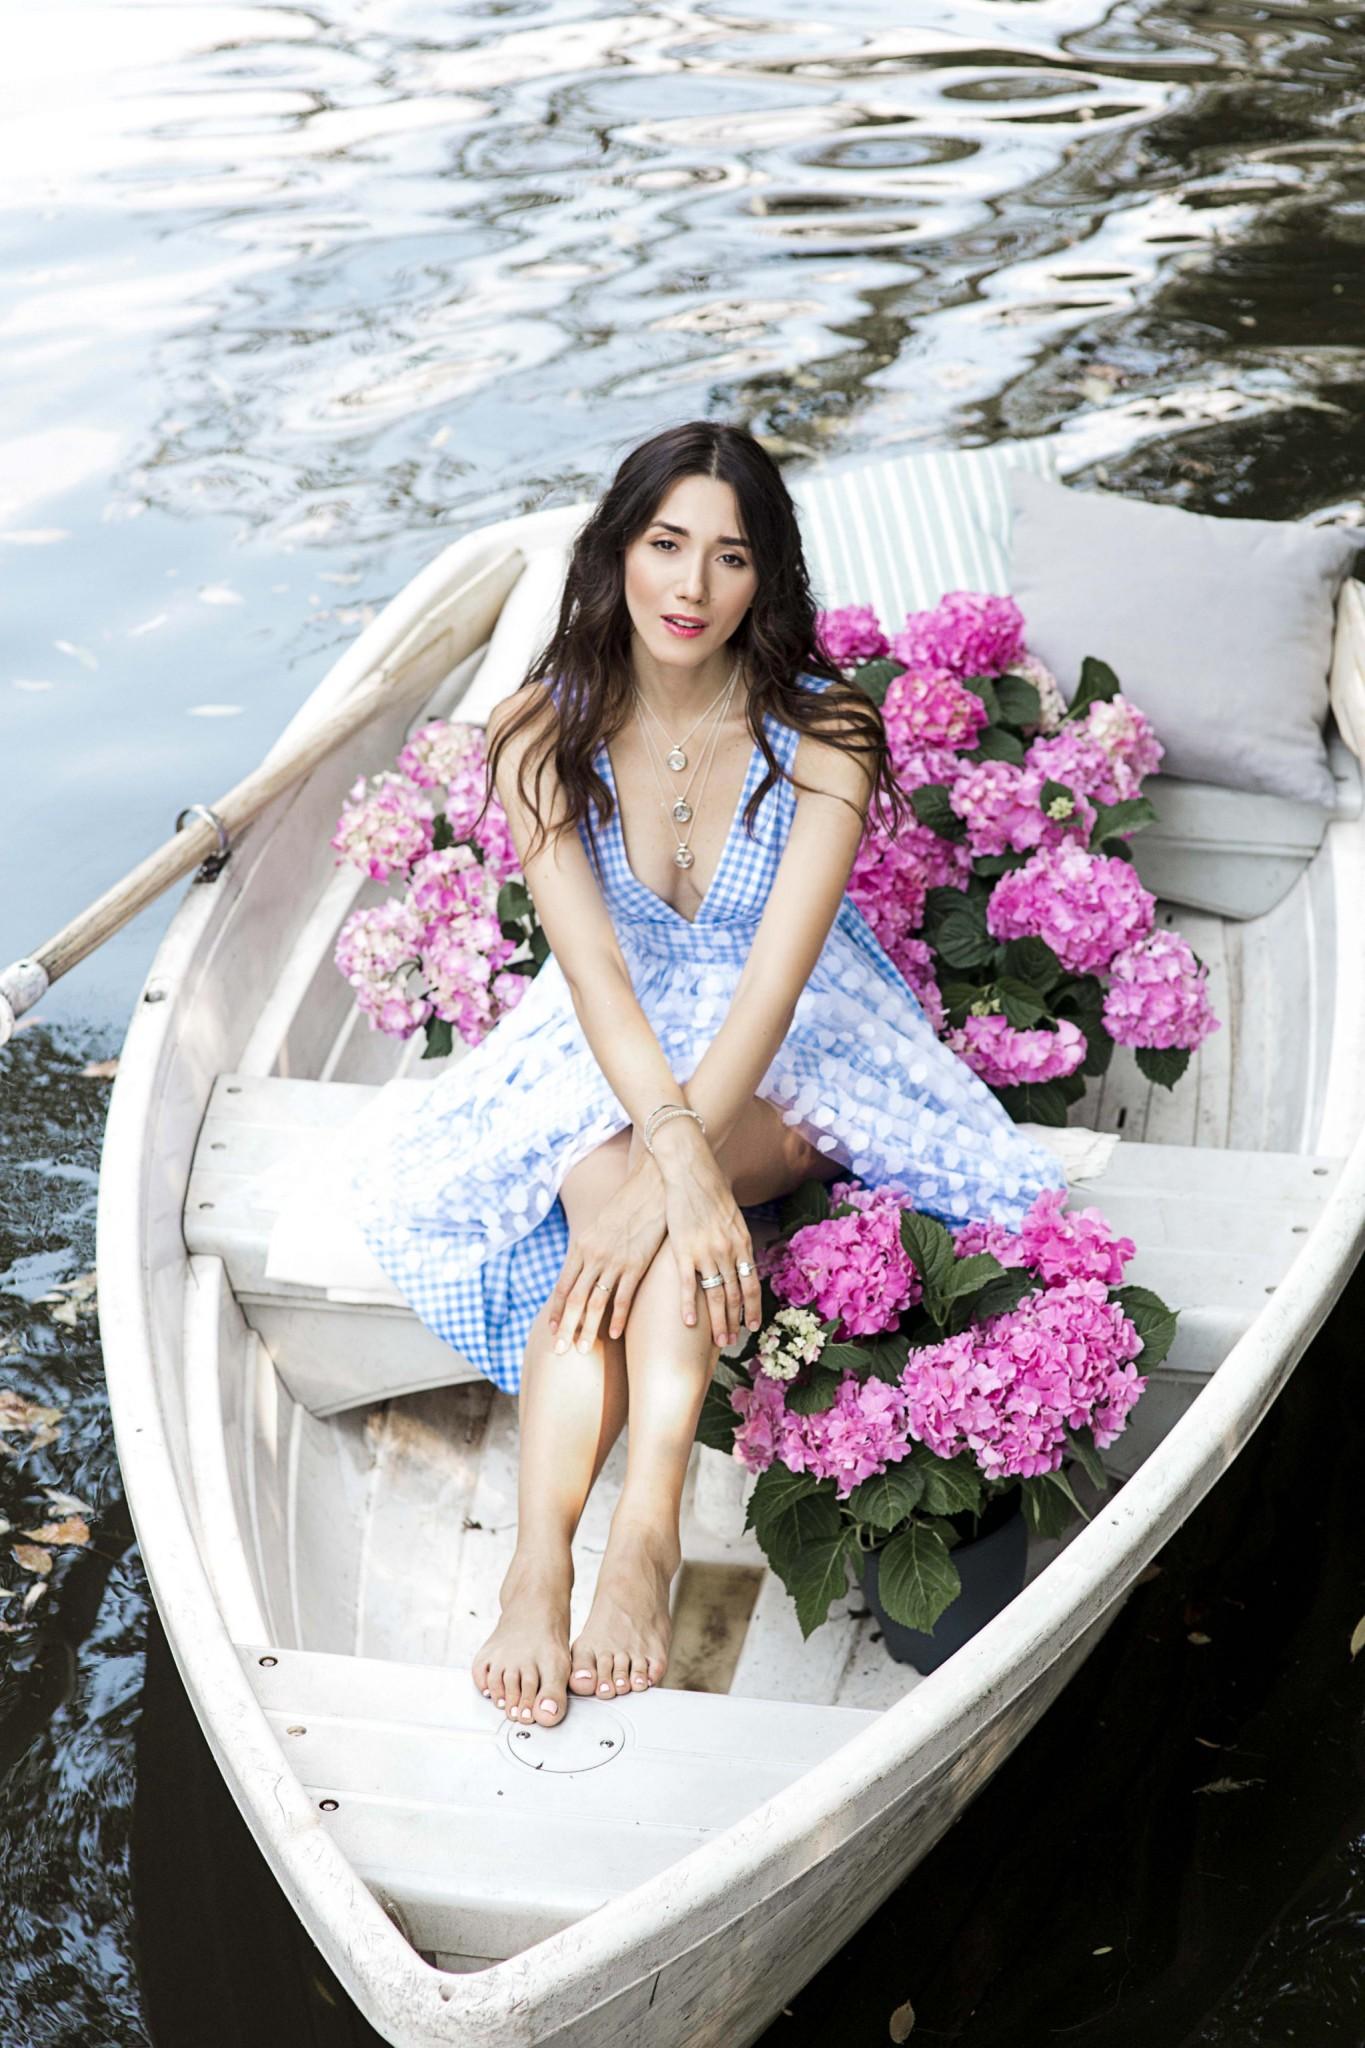 7pandora-the-look-of-you-diana-enciu-alina-tanasa-fabulous-muses-lace-trend